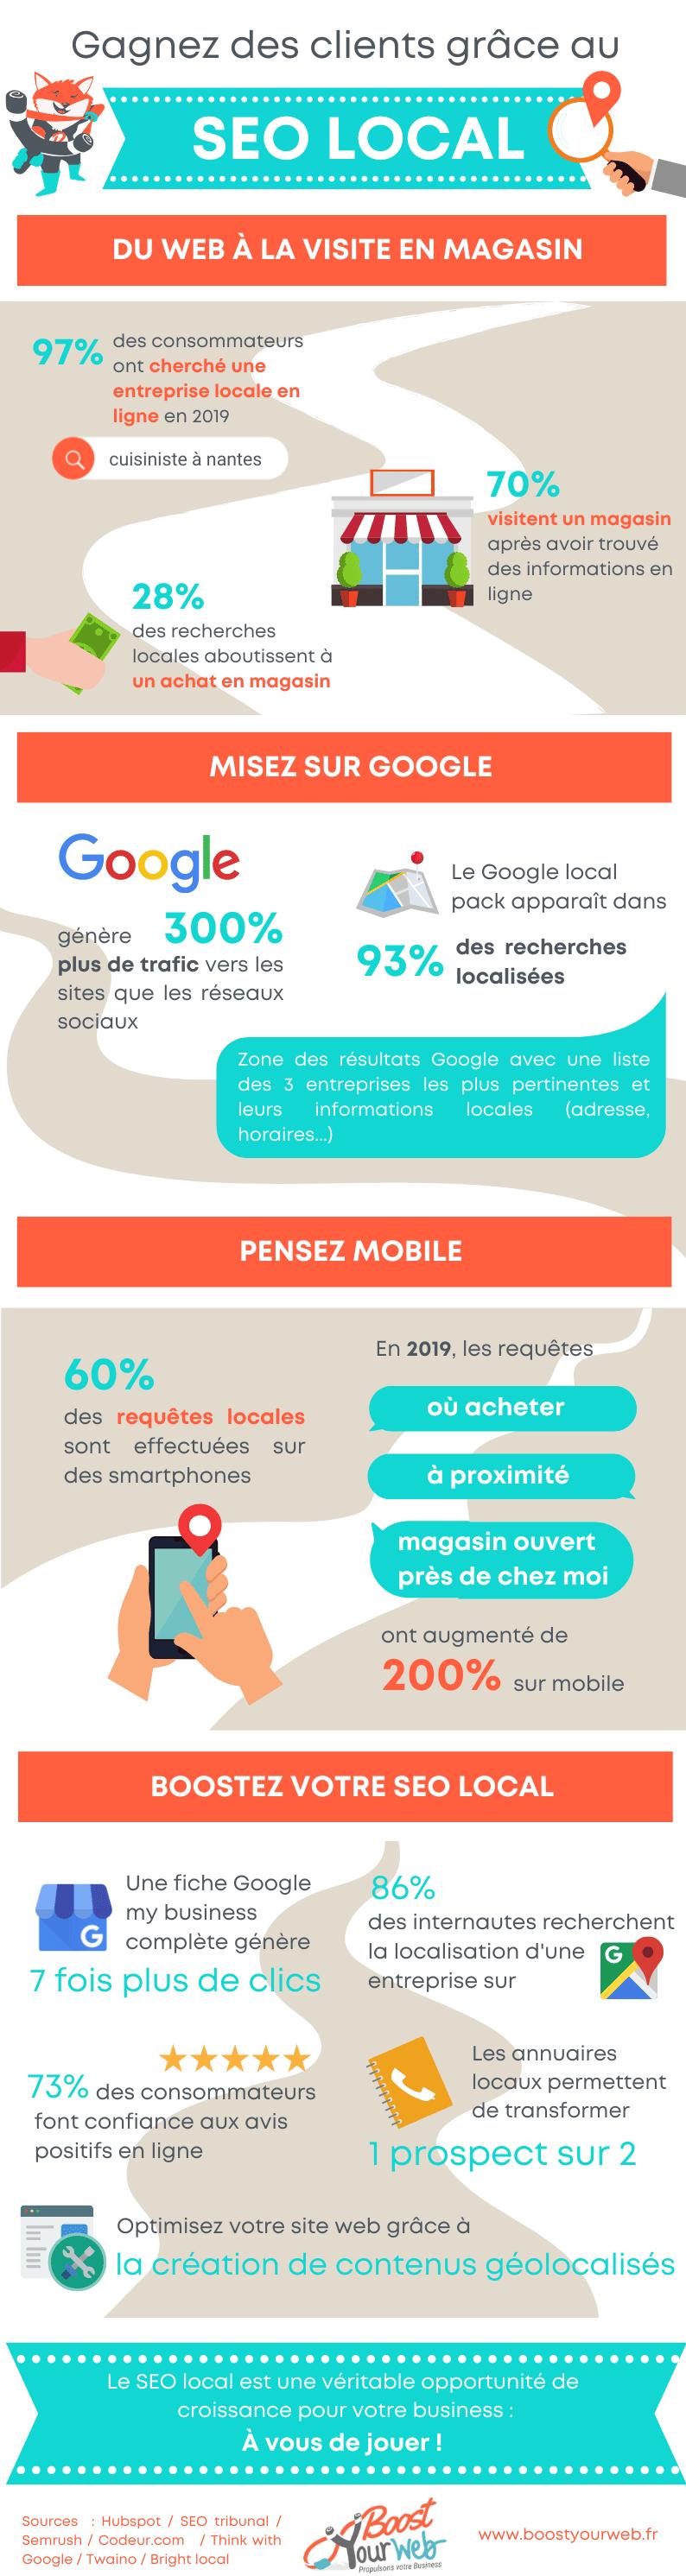 Infographie - Qu'est ce que le SEO local